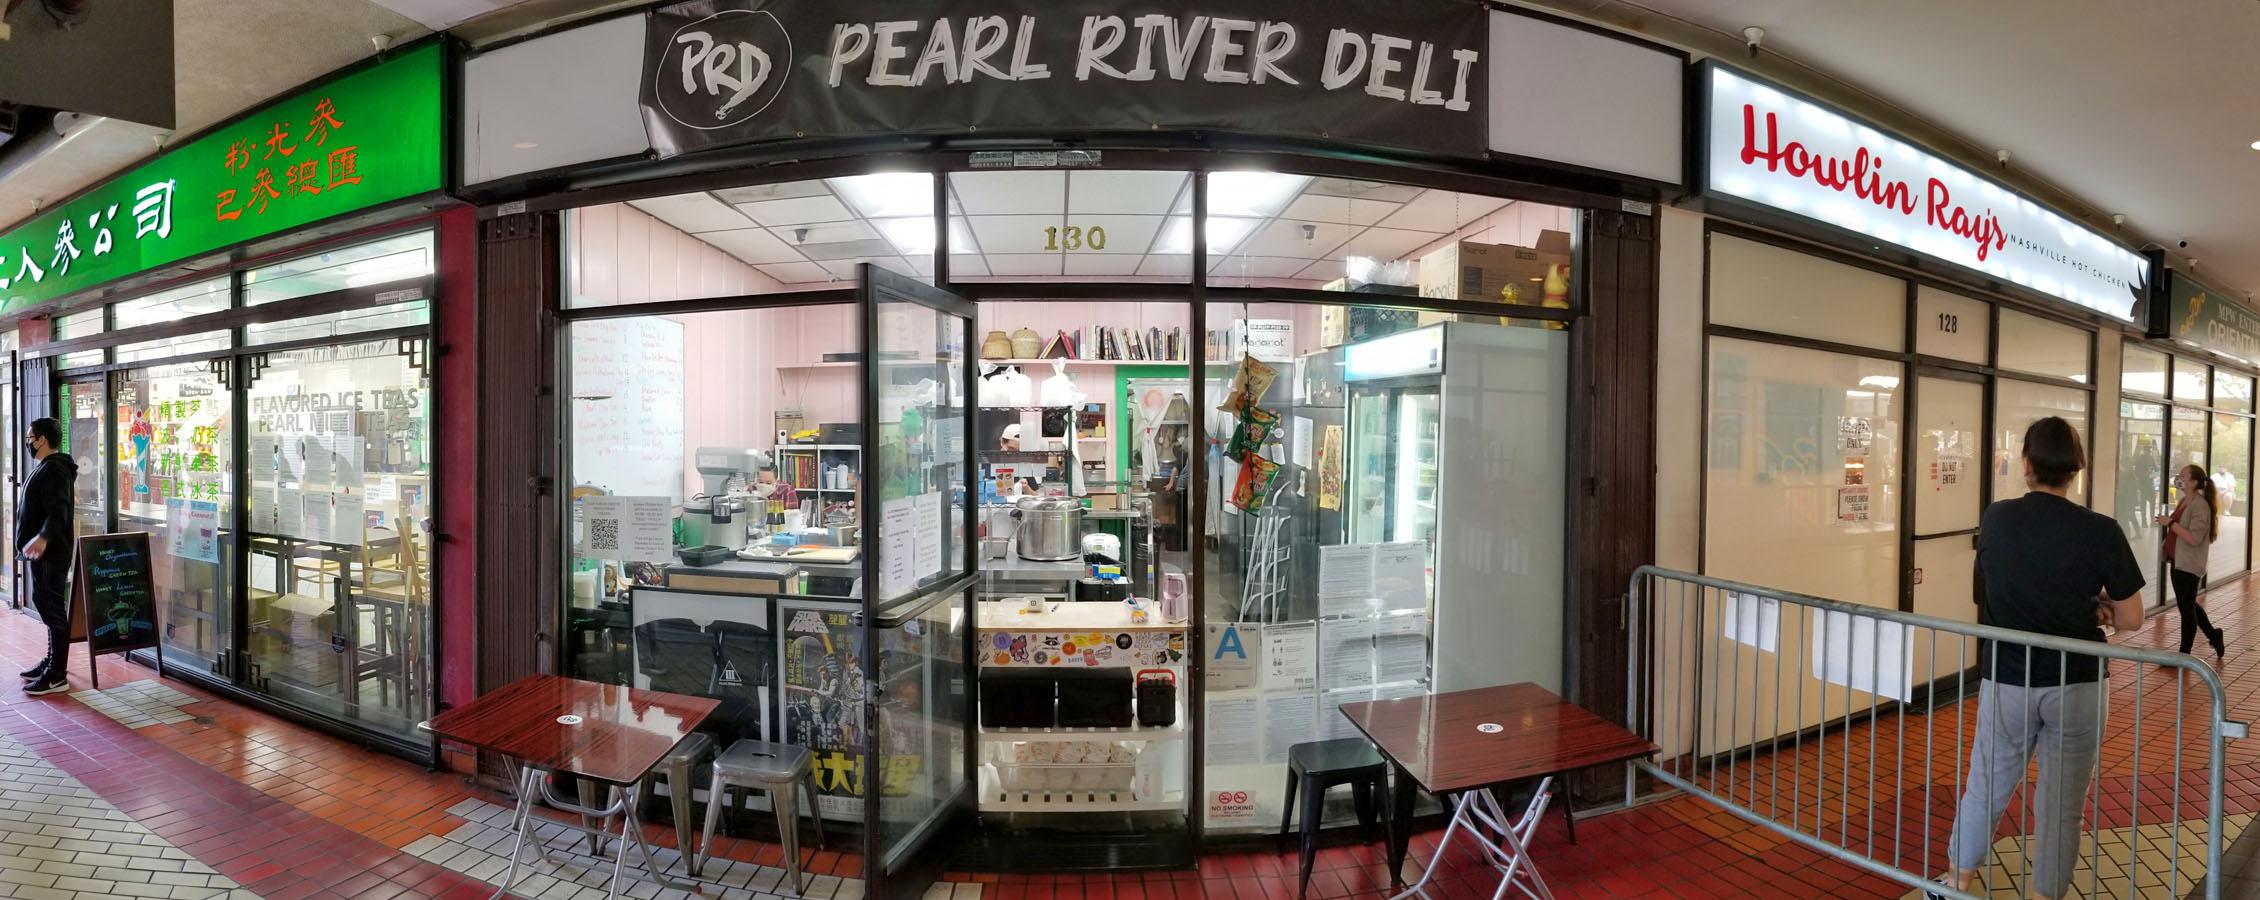 Pearl River Deli Exterior